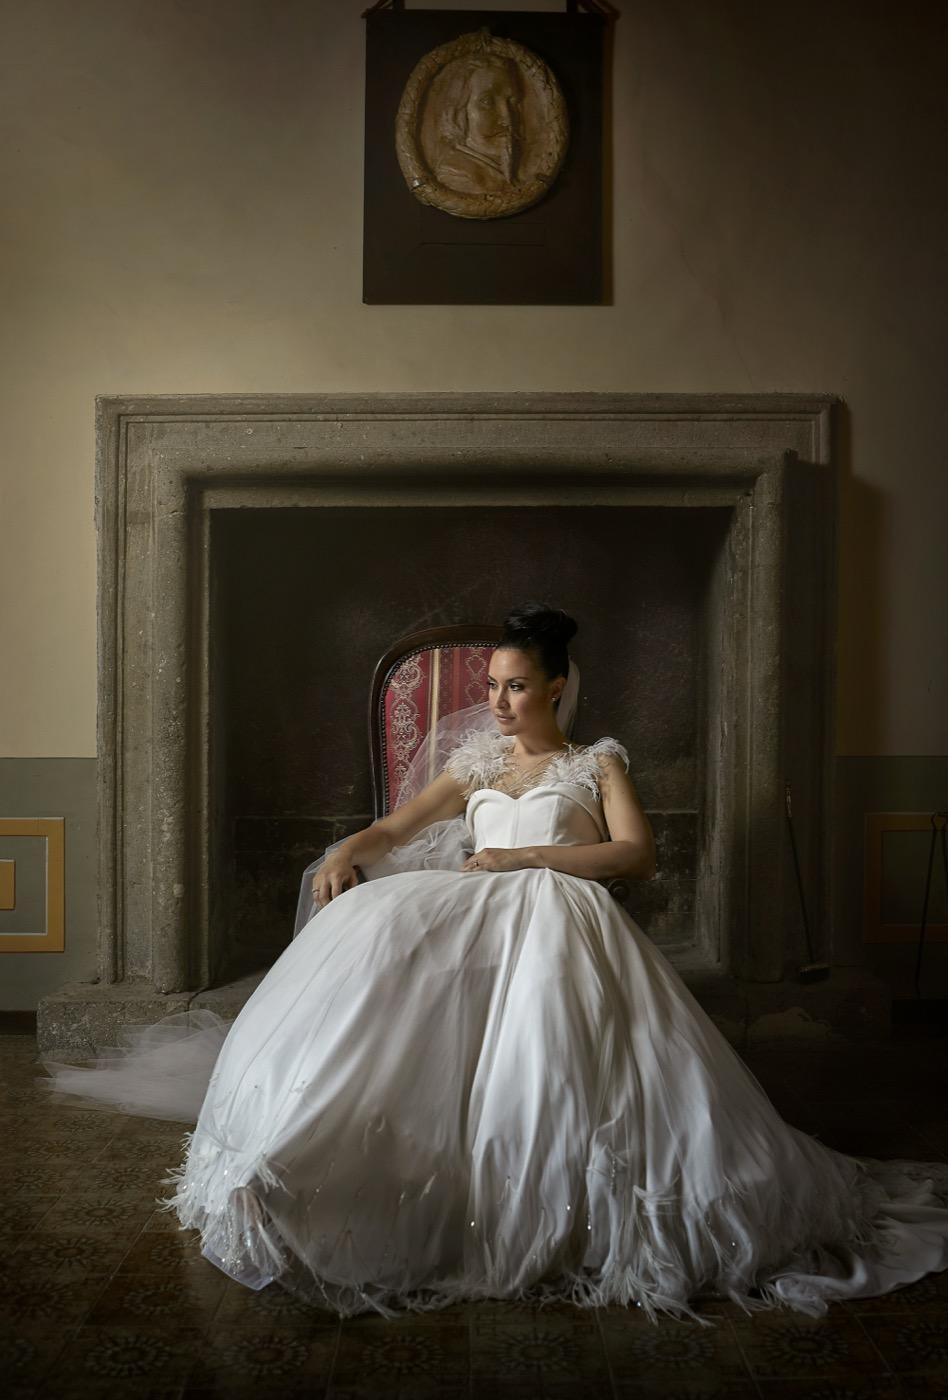 Claudio-Coppola-wedding-photographer-villa-del-cardinale-rocca-di-papa-castel-gandolfo-50